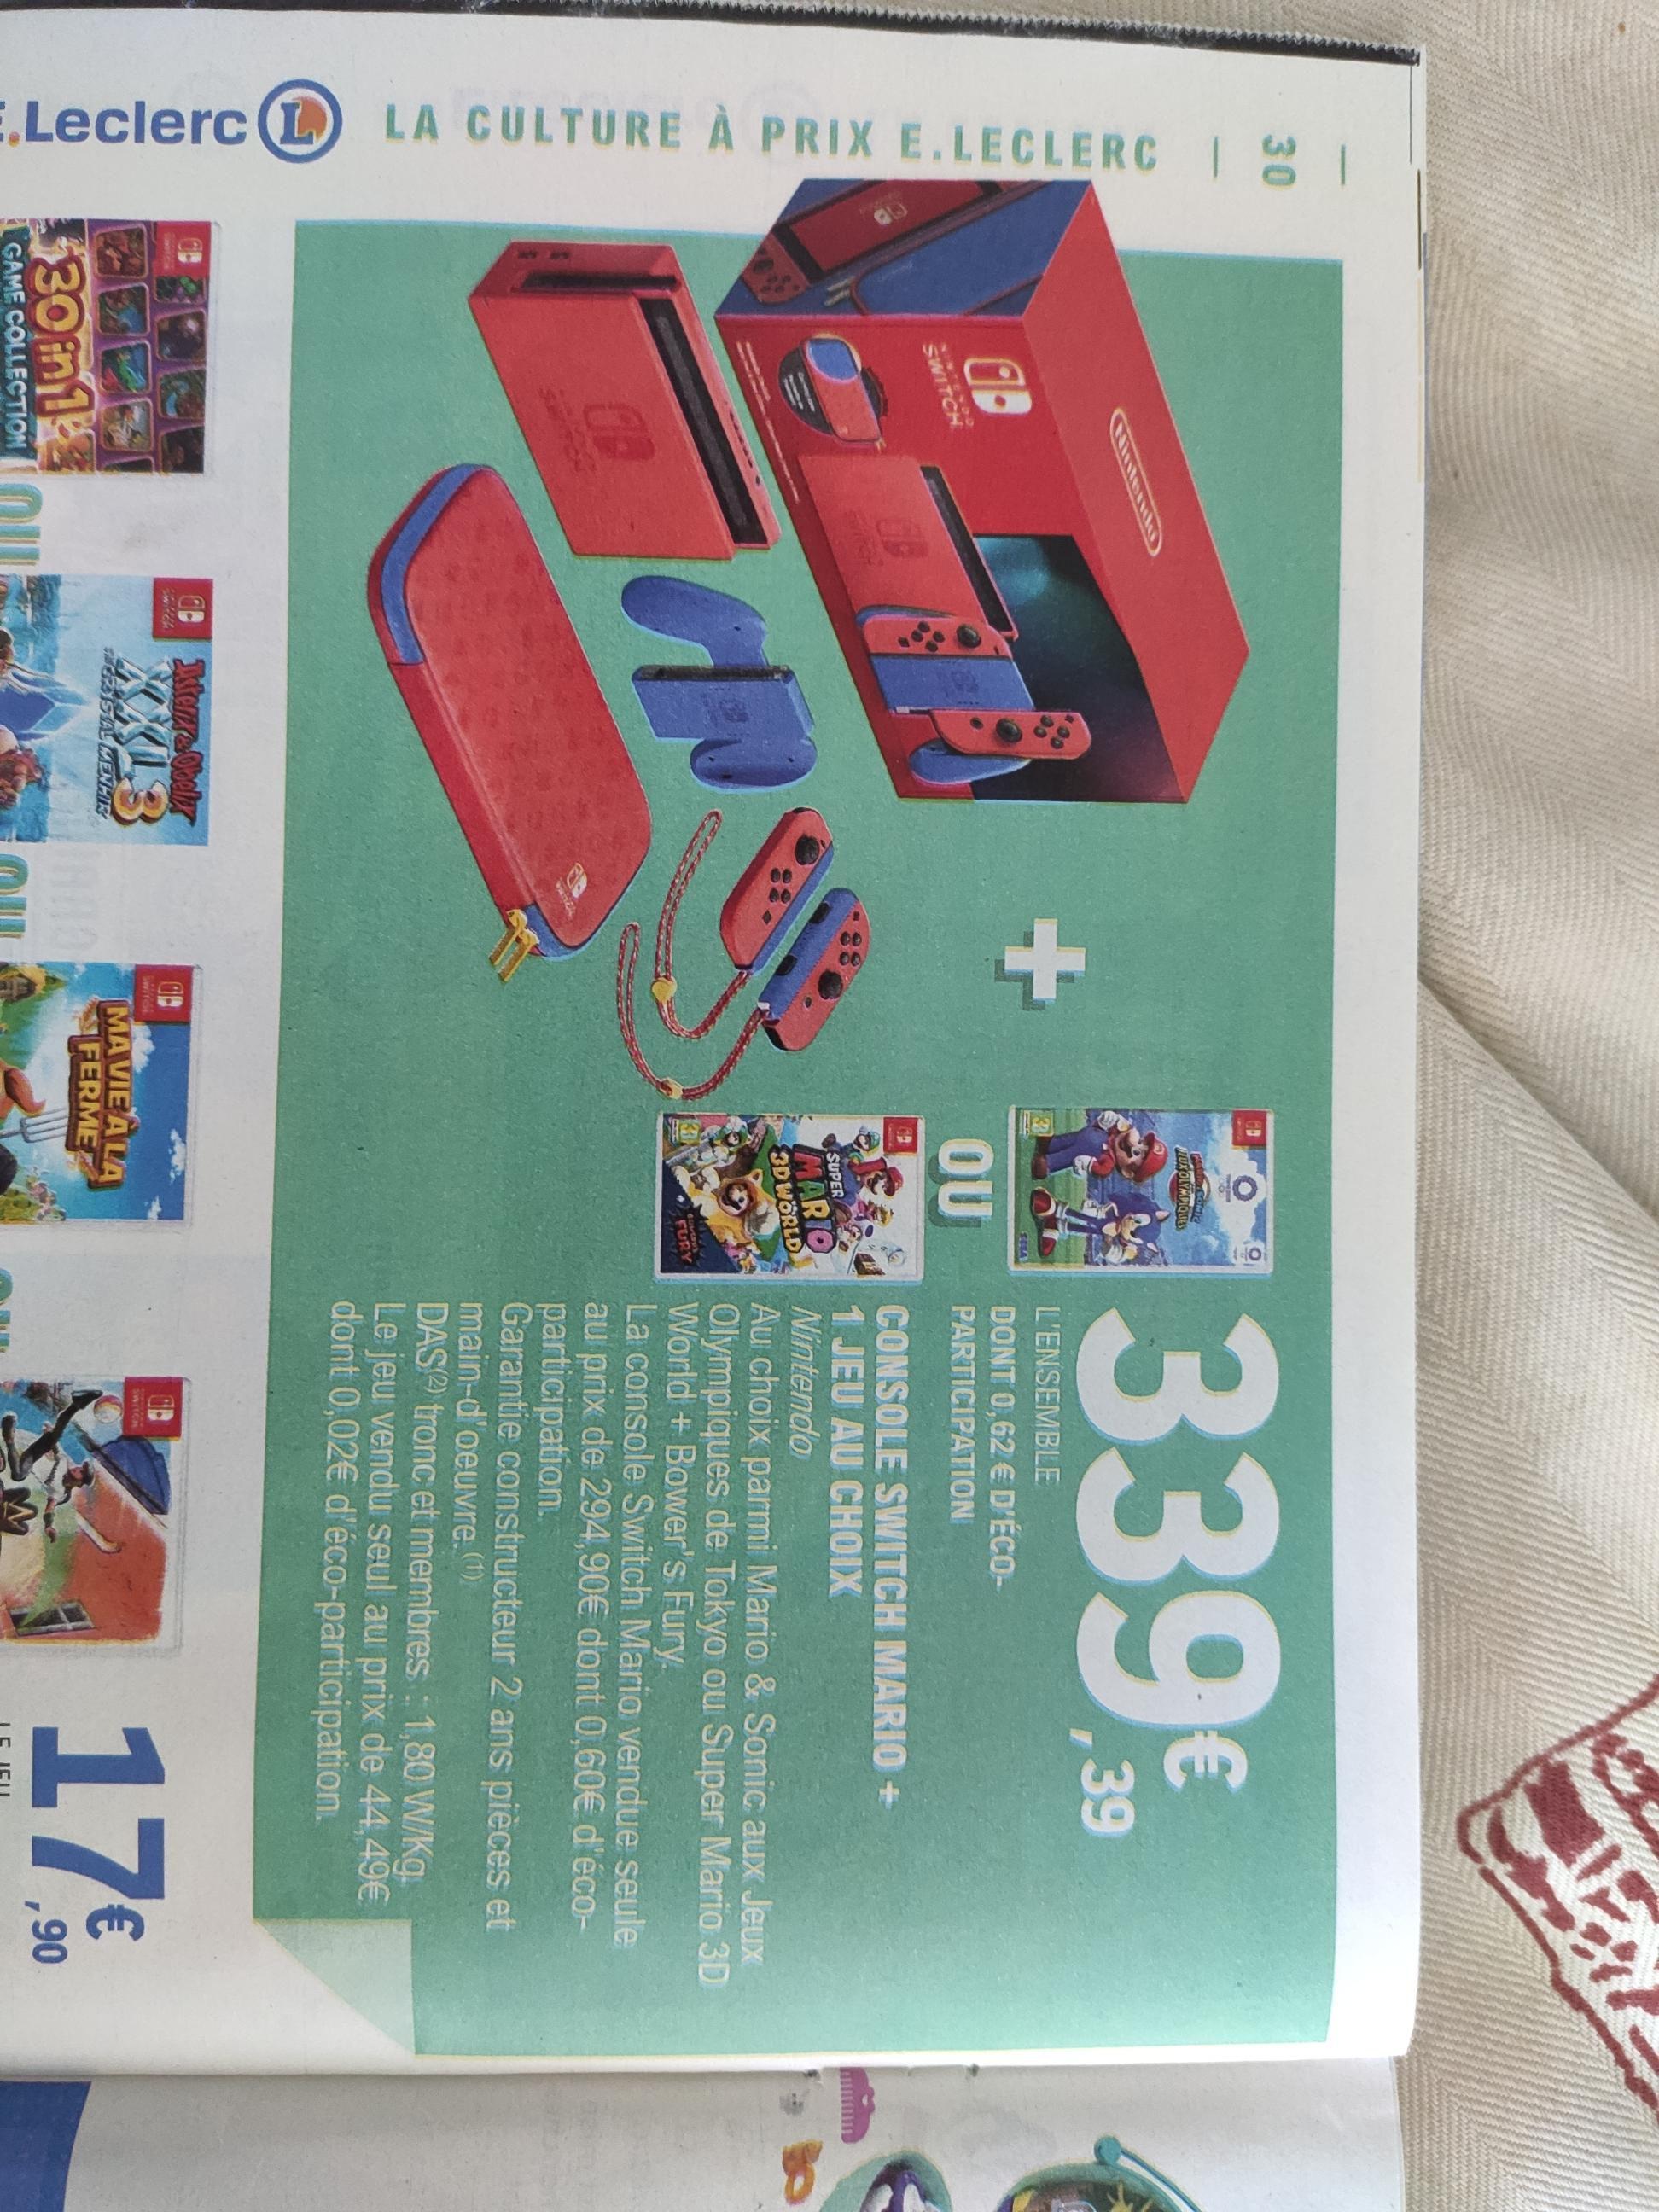 Console Nintendo Switch (Édition Limitée Mario) + Mario & Sonic aux Jeux Olympiques de Tokyo ou Super Mario 3D World + Bowser's Fury